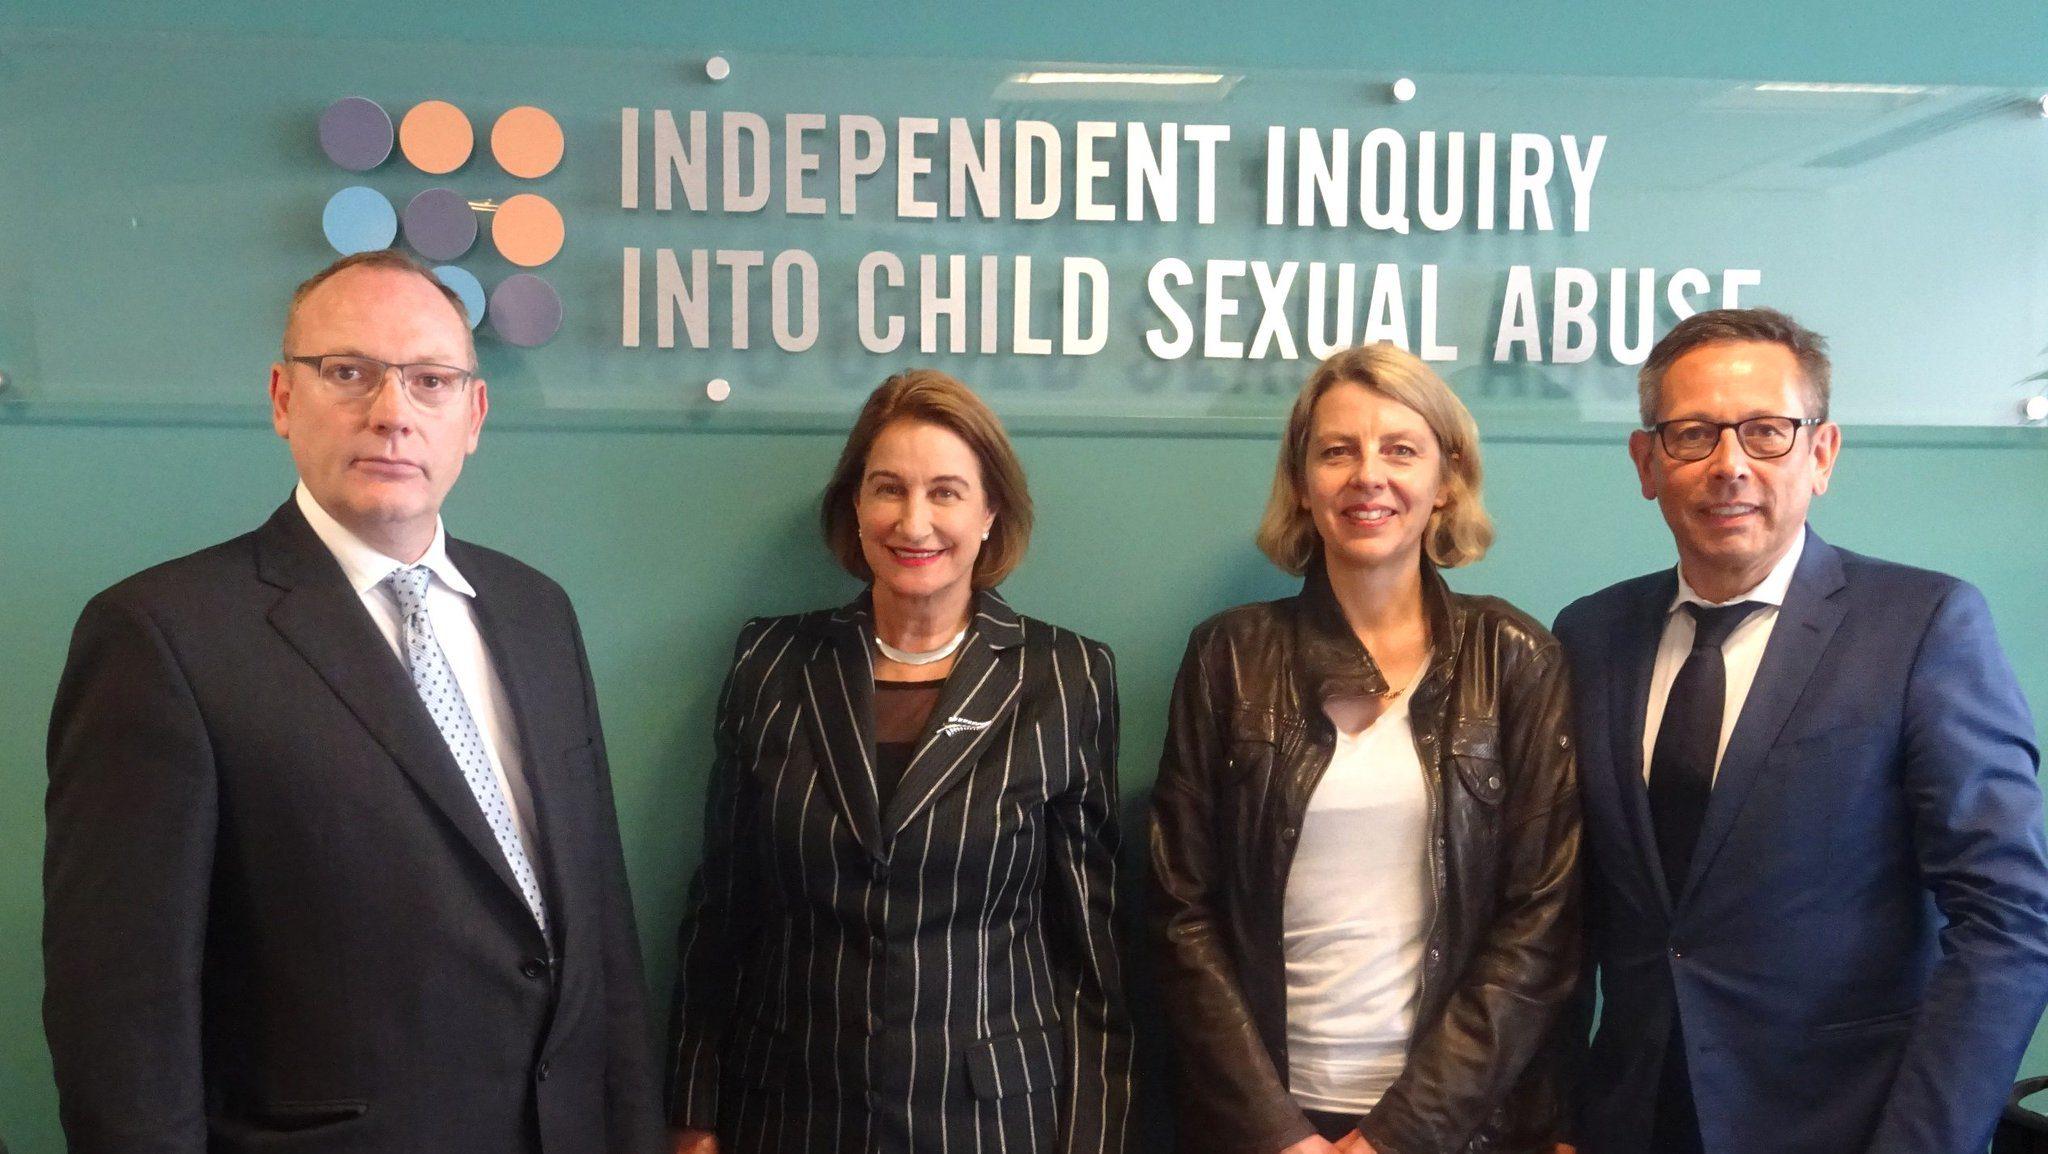 Sabine Andresen und Johannes-Wilhelm Rörig stehen neben den Mitgliedern der englischen Kommission.